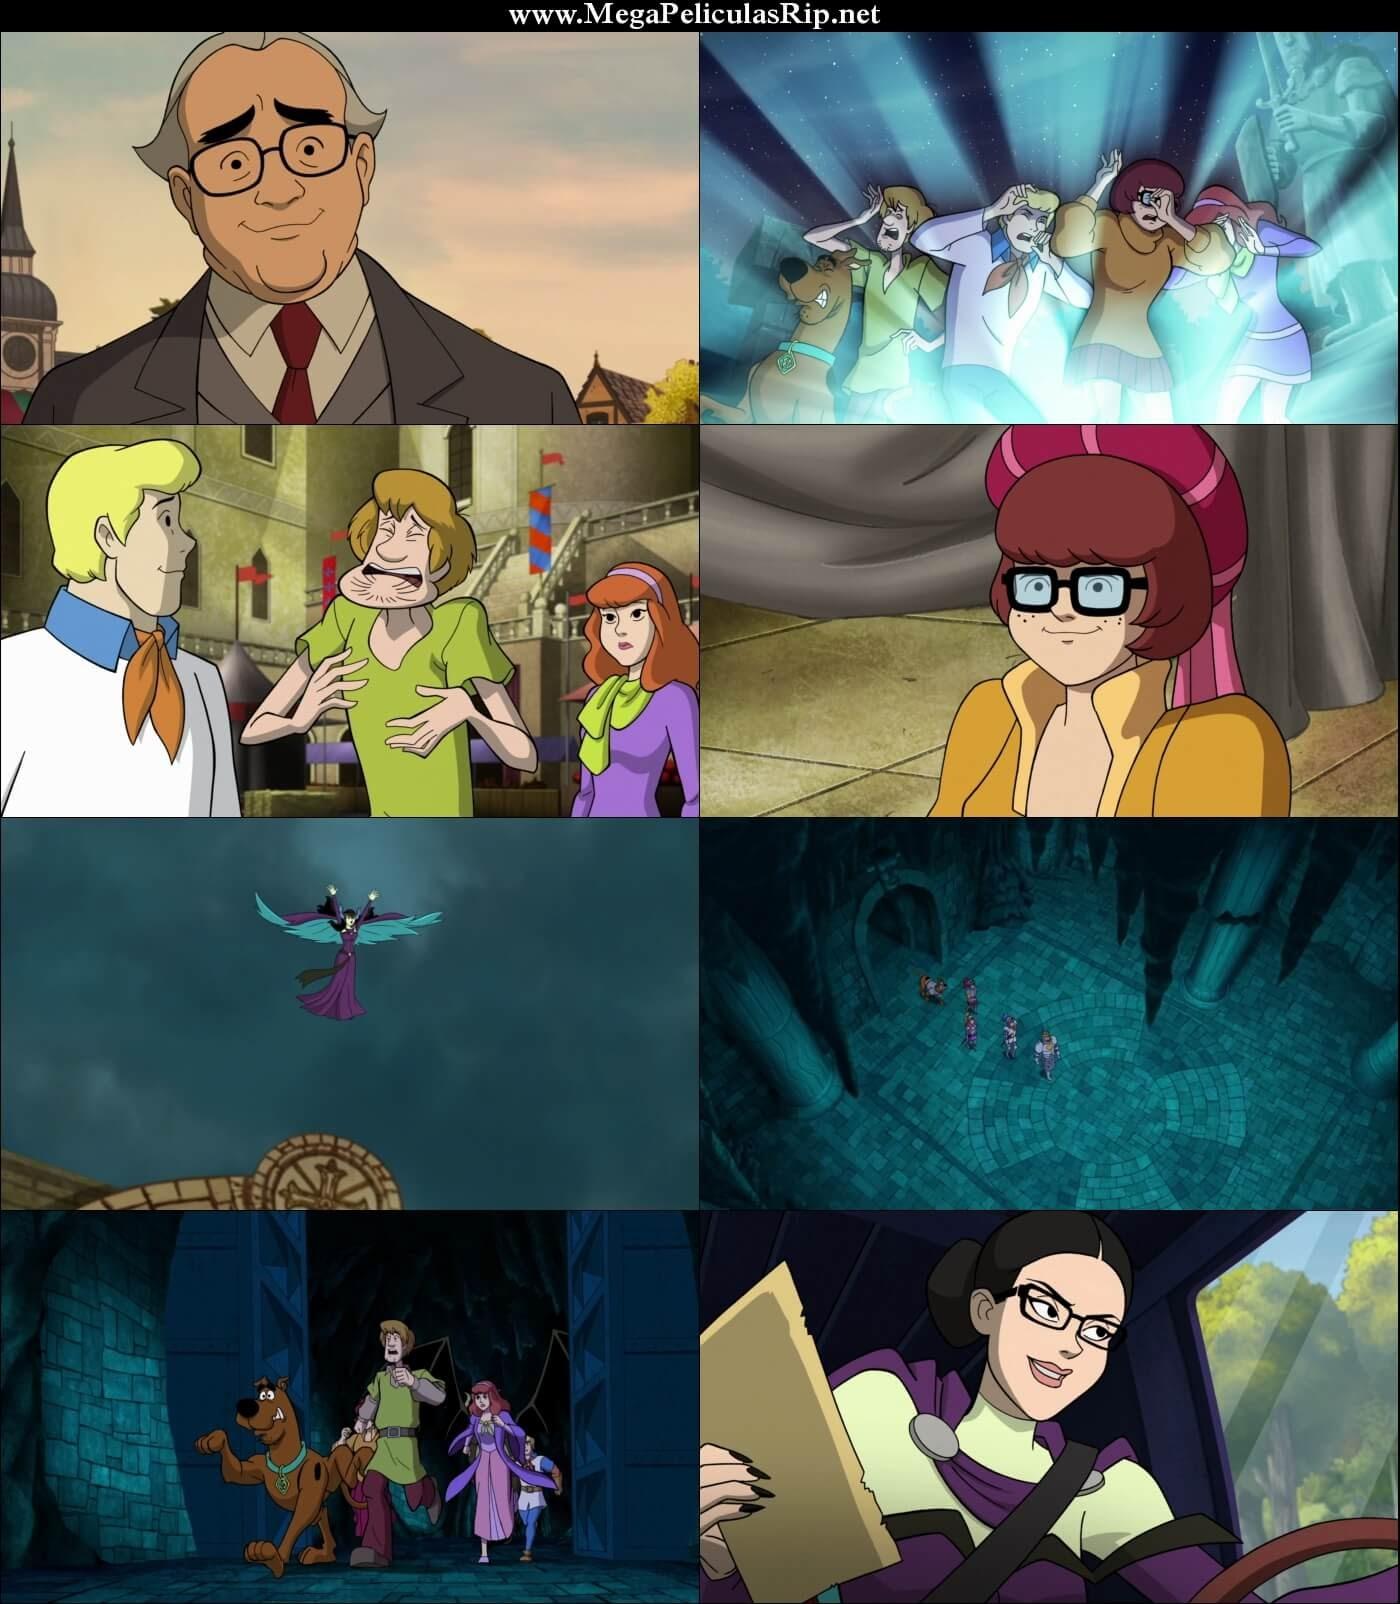 Scooby Doo La Espada Y Scooby 1080p Latino